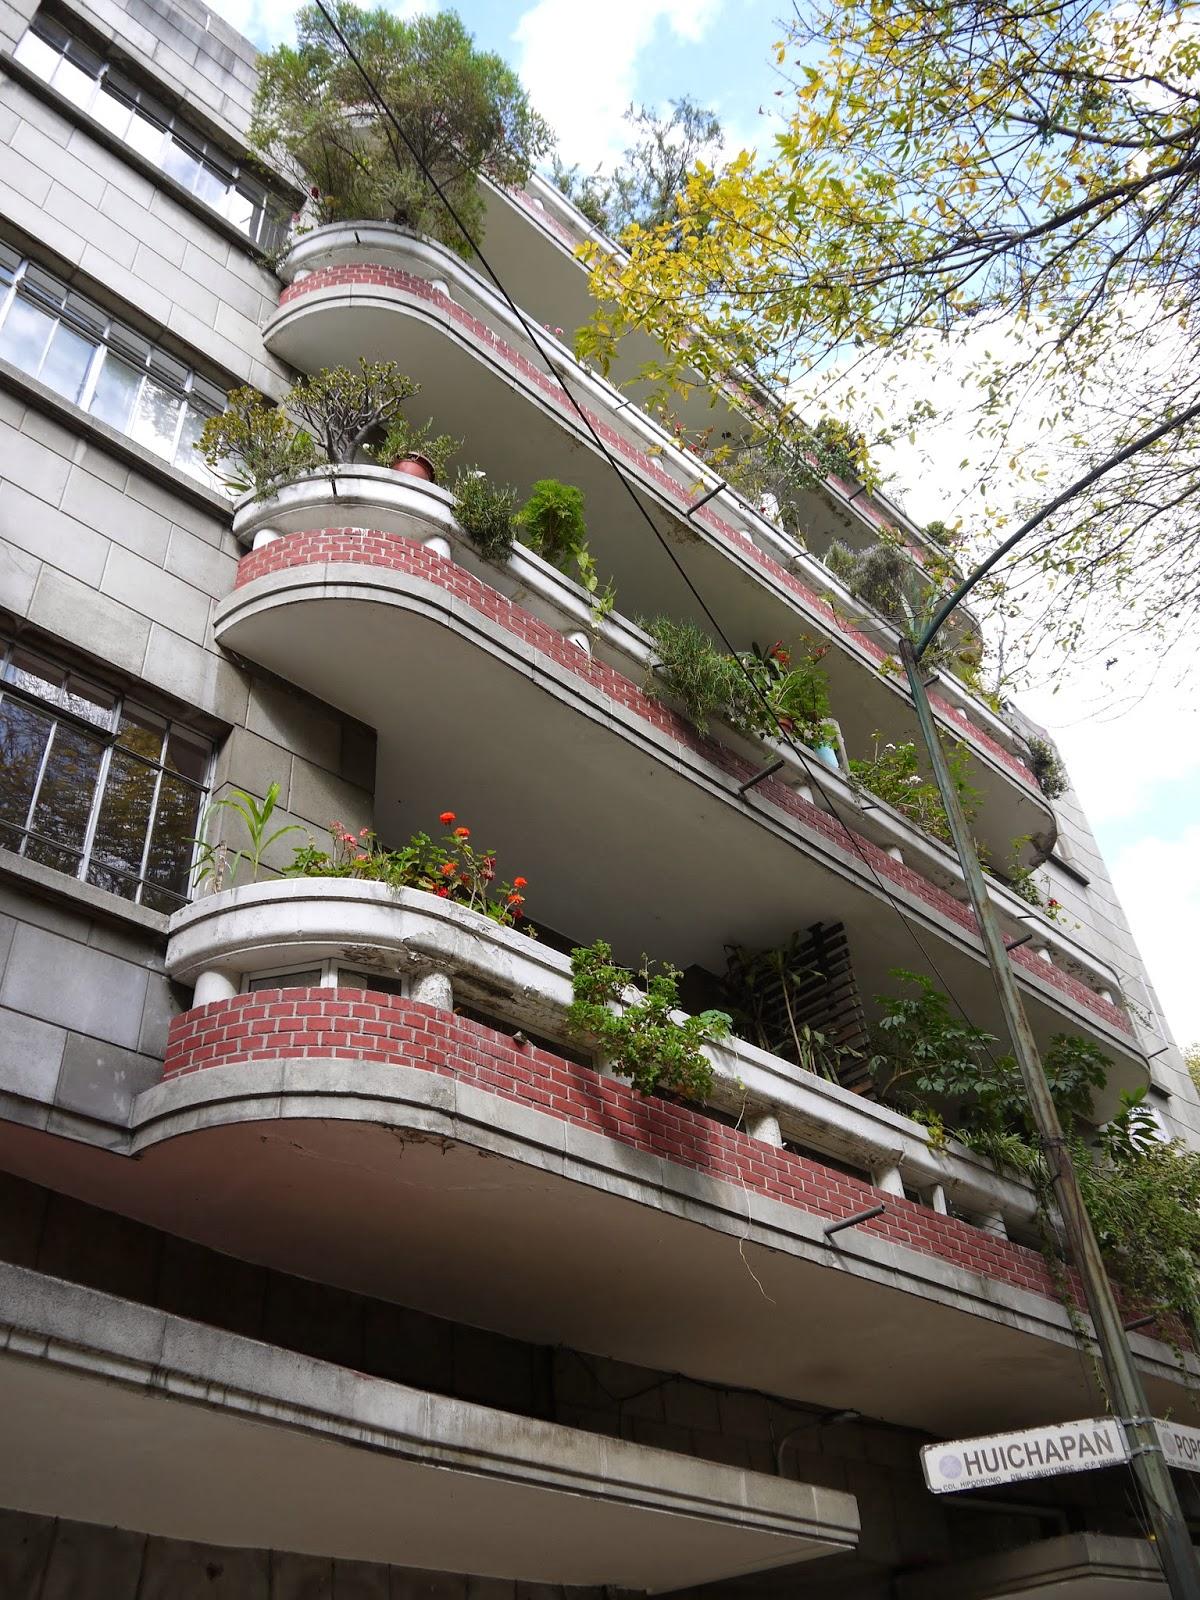 Adrian Yekkes: Mexico City